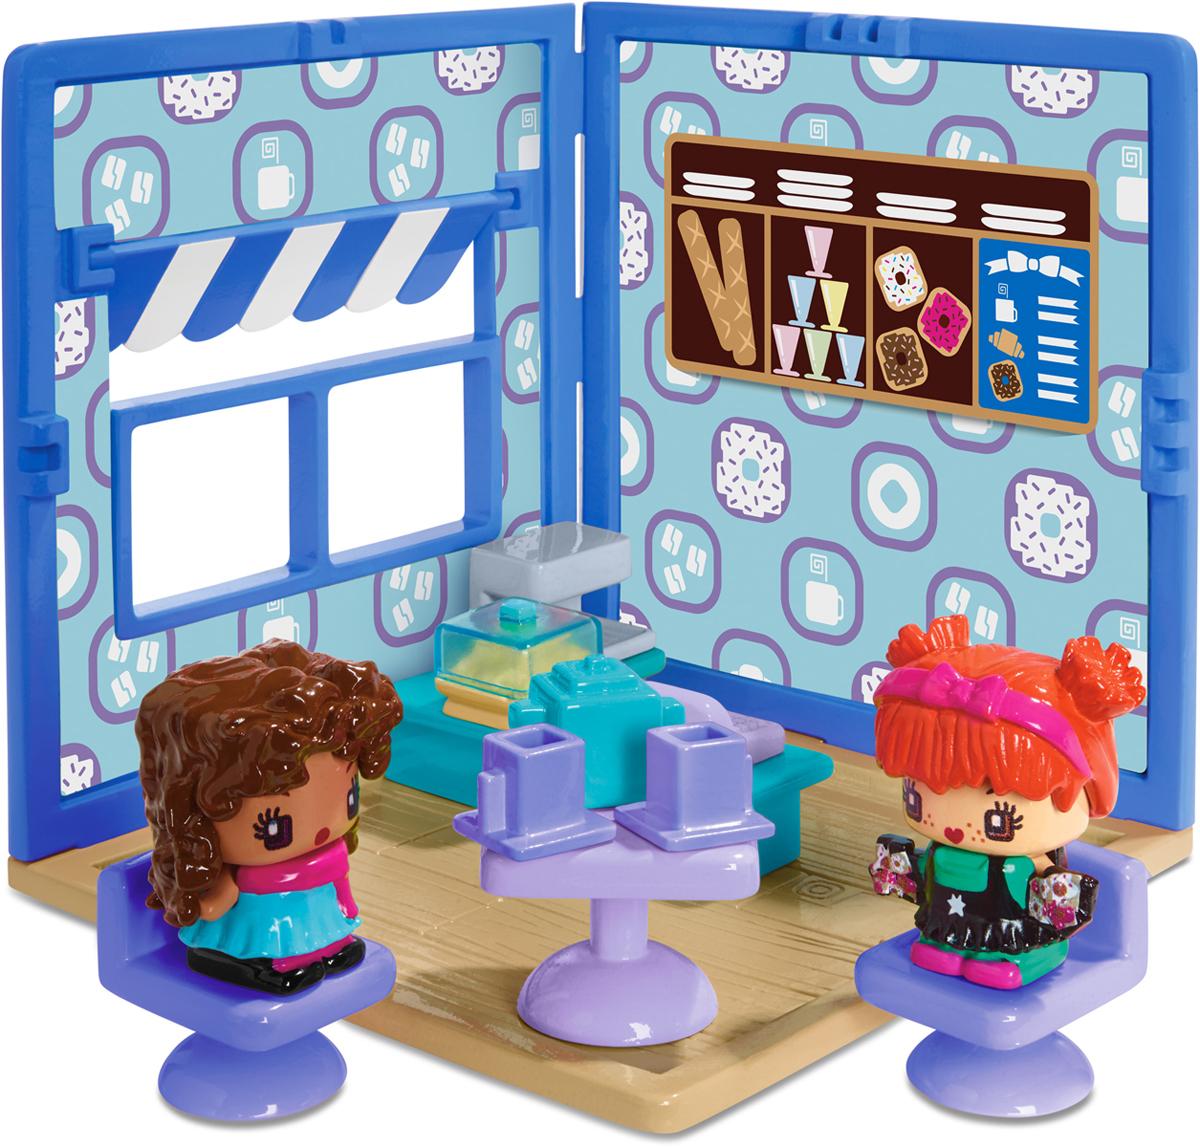 My Mini MixieQs Игровой набор Мини-комната КафеDWB60_DWB61Игровой набор My Mini MixieQs Мини-комната. Кафе непременно приведет в восторг вашу малышку. Эта маленькая тематическая комната идеально подойдет для игры с фигурками MixieQs. В кафе имеется окошко с подвижной занавеской. Стол, стулья и аксессуары из набора можно расставлять по своему усмотрению. У фигурок можно менять одежду и прически. В комплекте две фигурки девочек с одеждой и прическами и одна секретная фигурка. Игровой набор Мини-комната. Кафе совместим с другими наборами My Mini MixieQs.